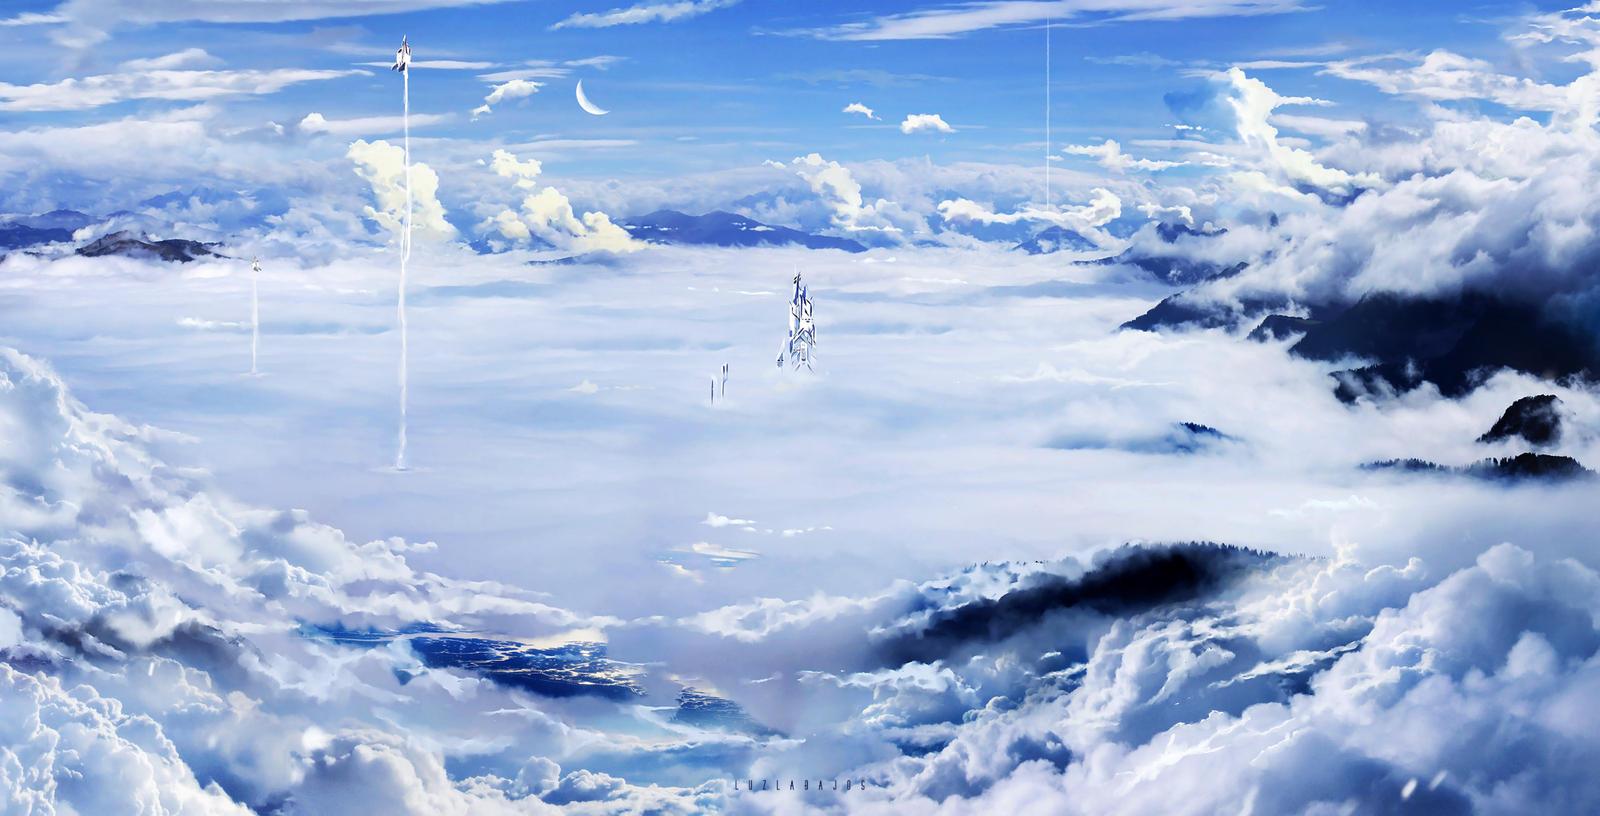 Sky Kingdom by Neywa